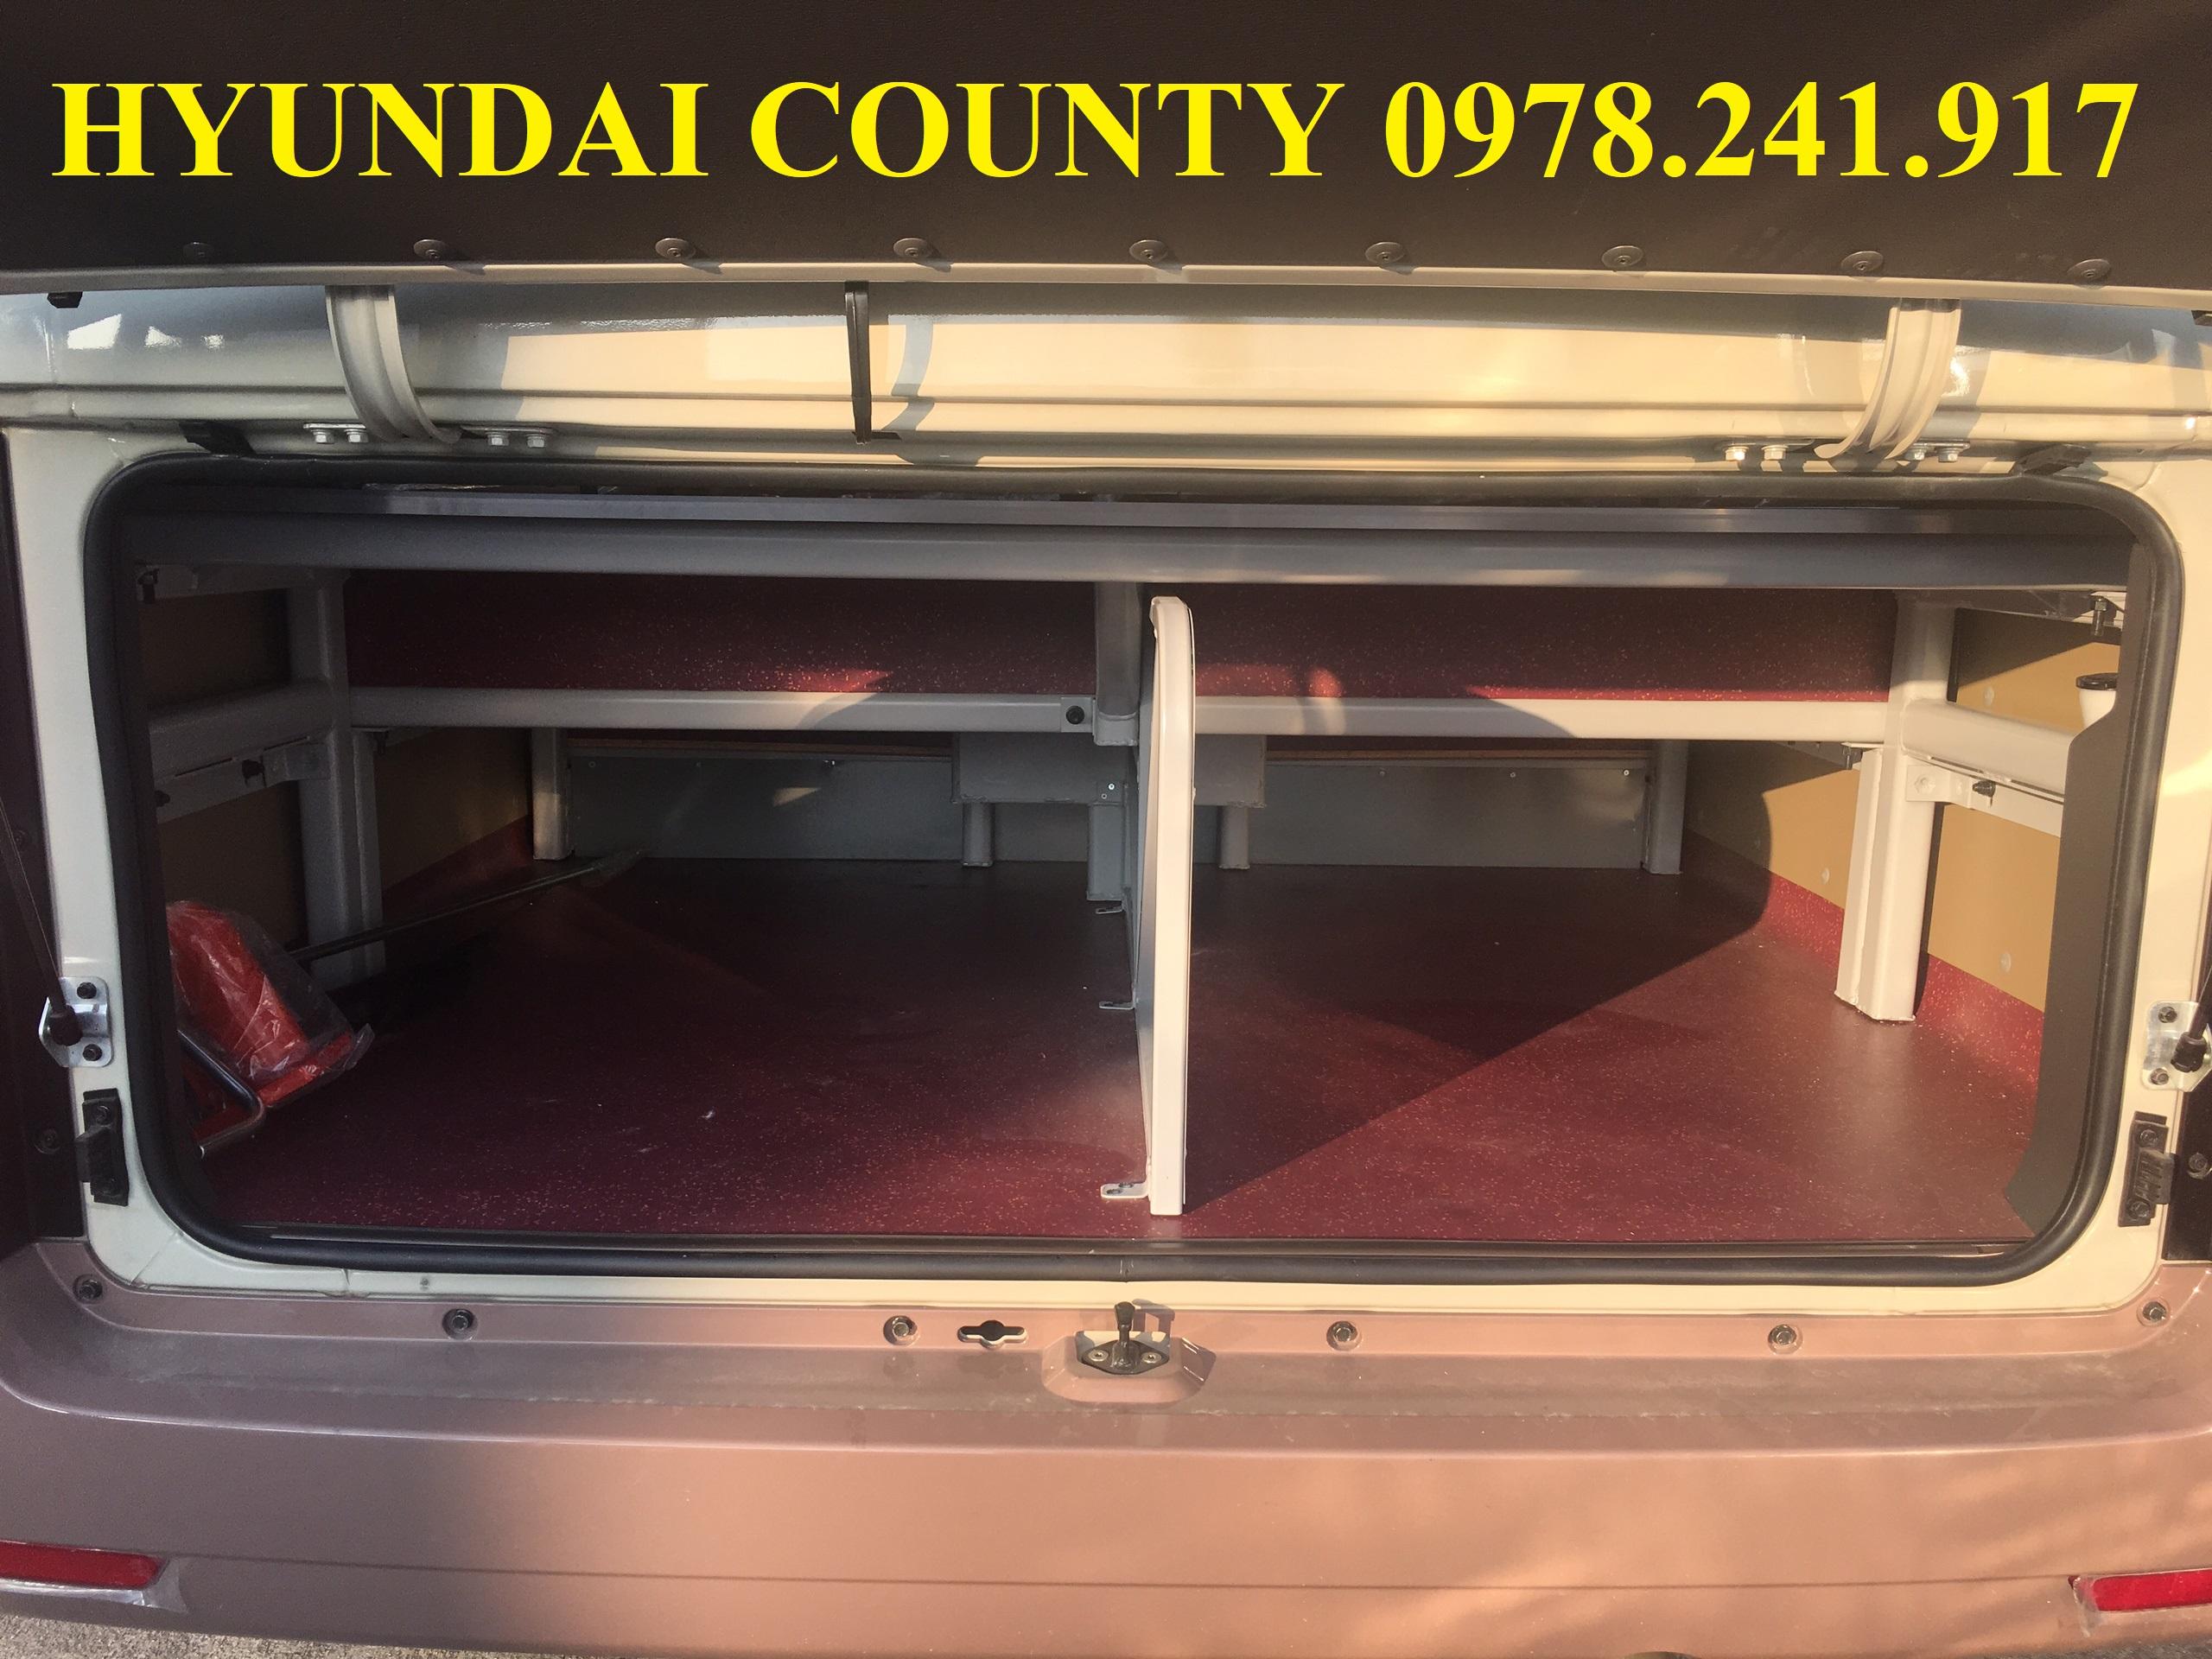 giá bán xe khách Hyundai county